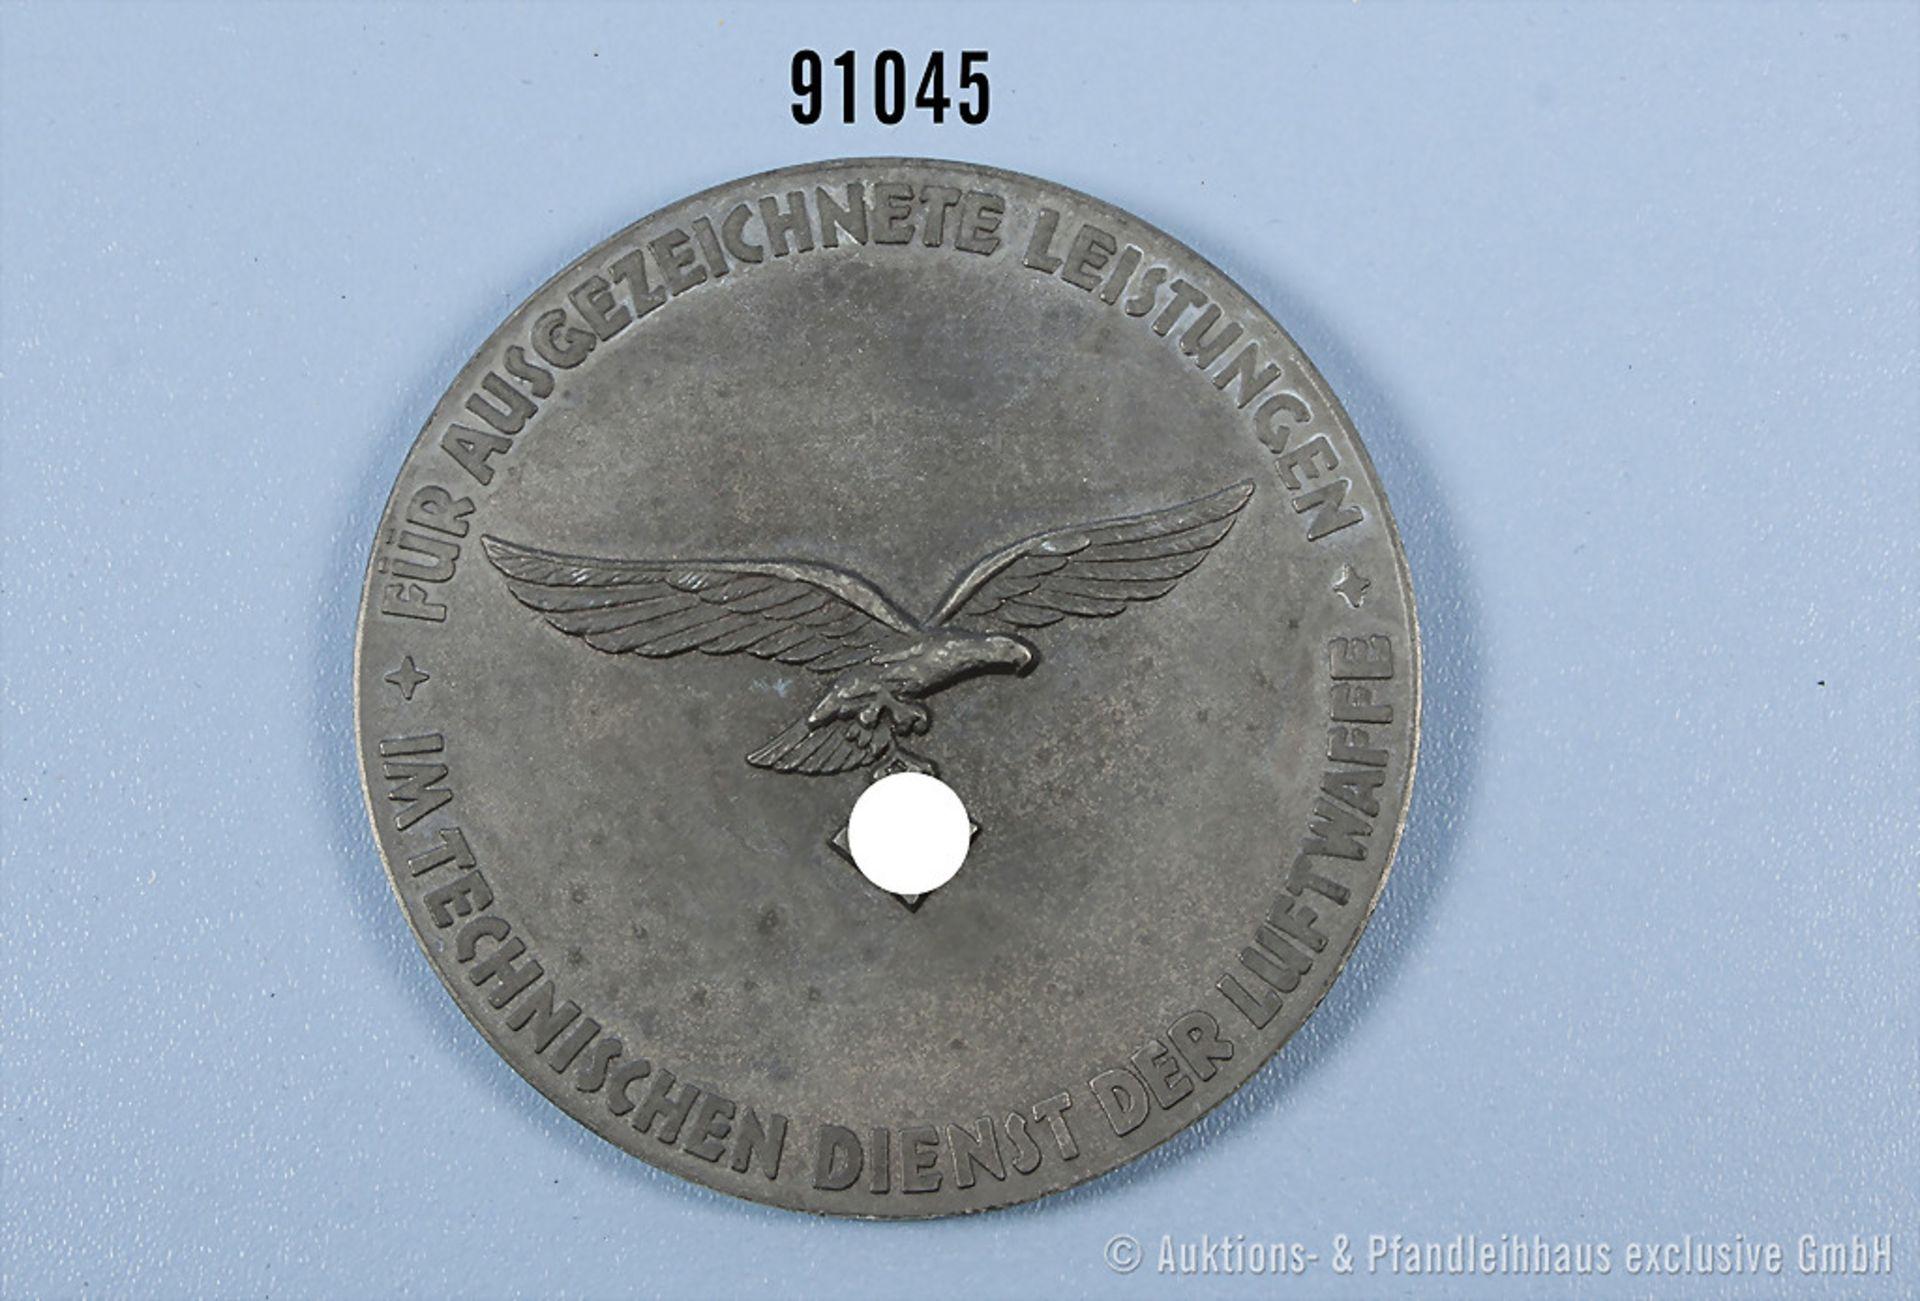 Medaille für ausgezeichnete Technische Leistungen, Luftwaffe 2. WK, Zinkausf., D ca. 7,5 cm, guter - Bild 2 aus 2